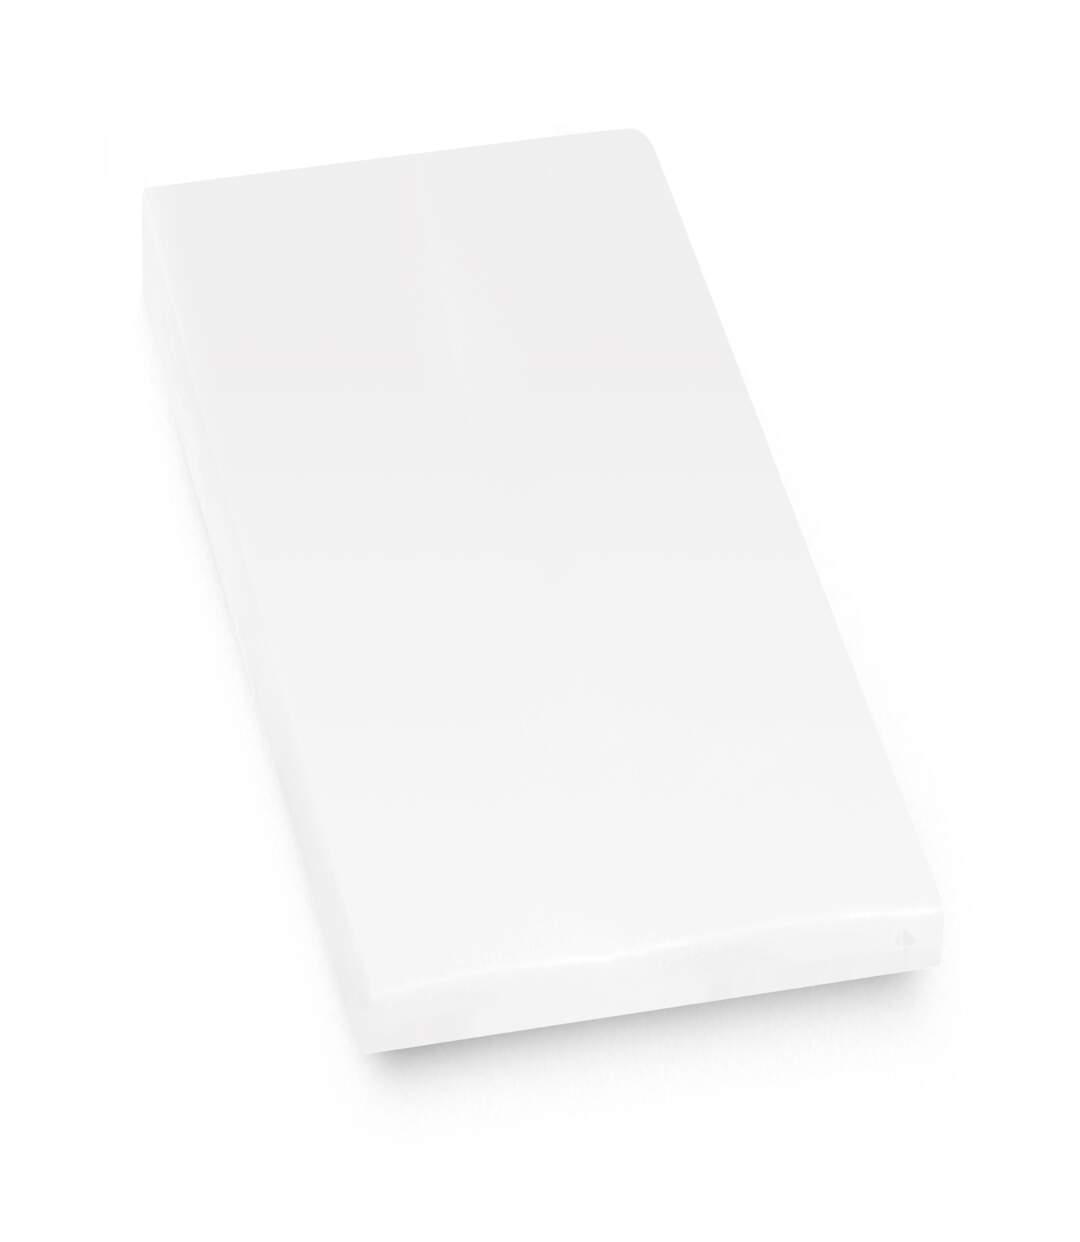 Protège matelas imperméable 70x150 cm bonnet 15cm ARNON molleton 100% coton contrecollé polyuréthane